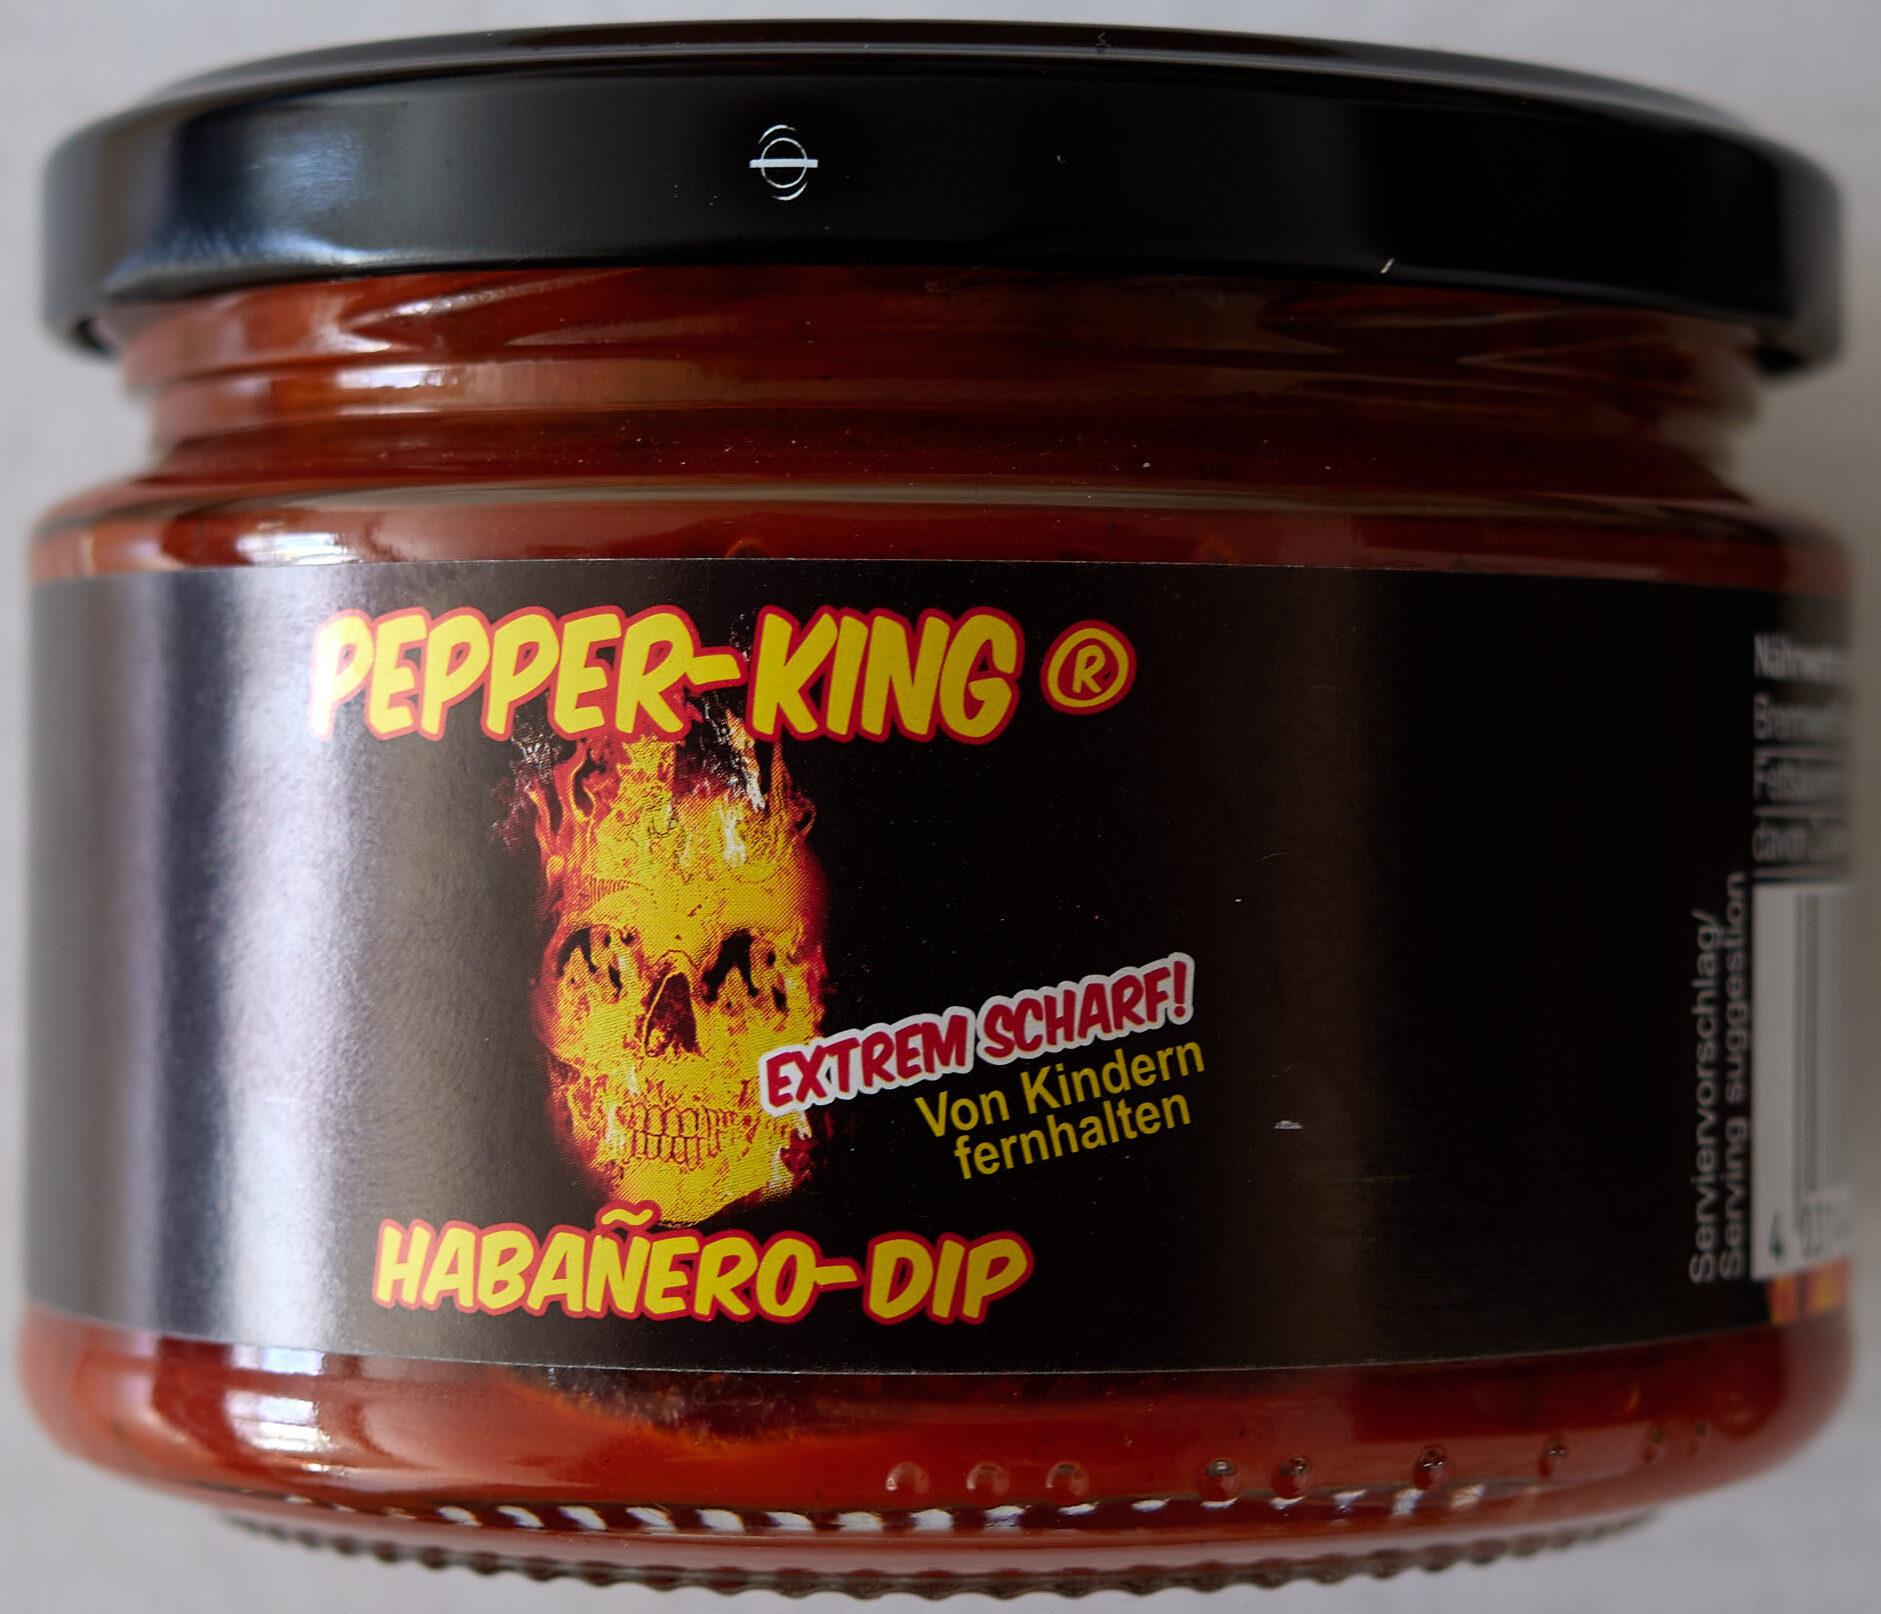 Habañero-Dip - Prodotto - de